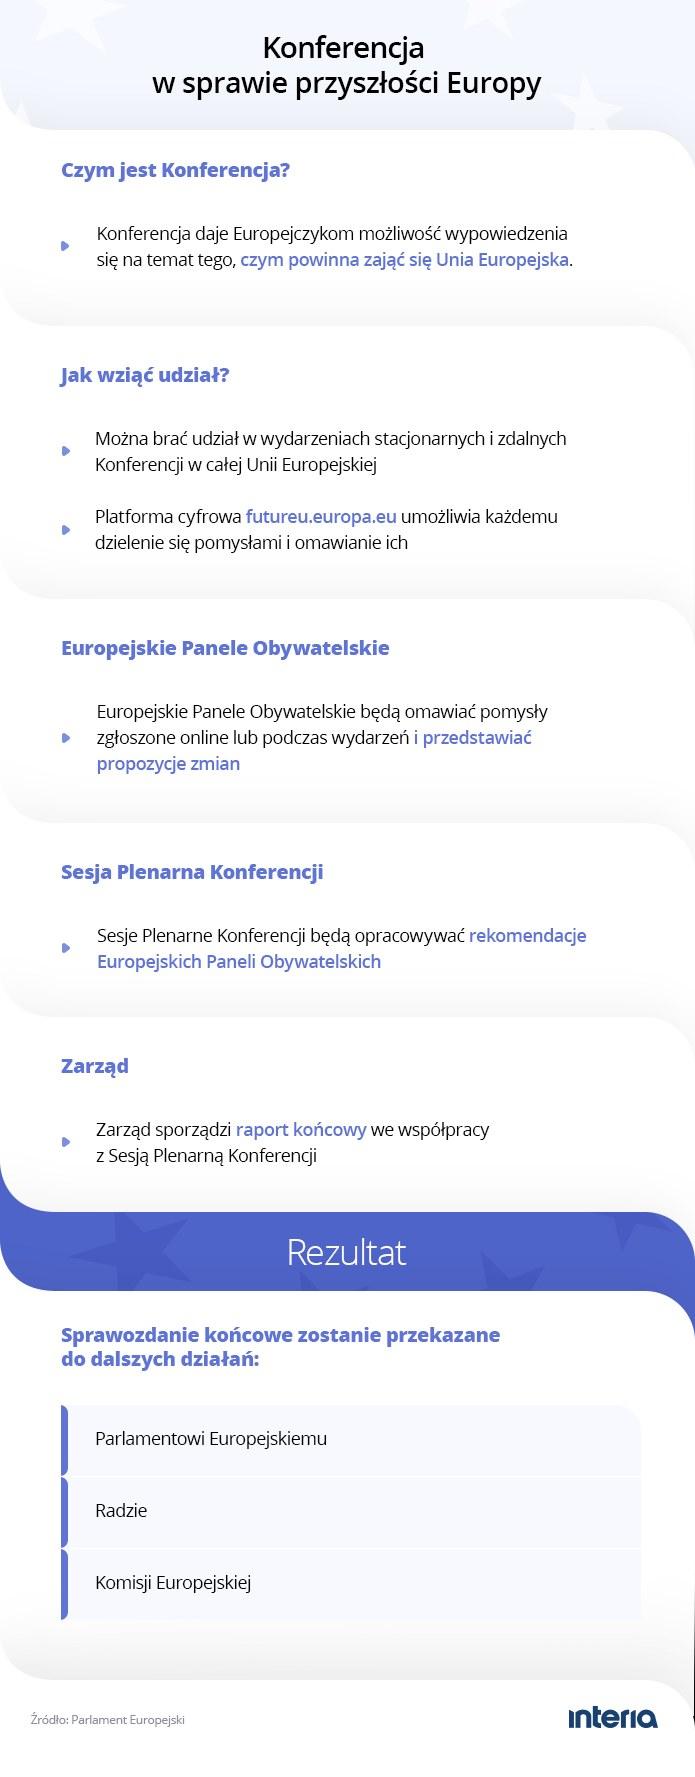 Konferencja w sprawie przyszłości Europy /INTERIA.PL